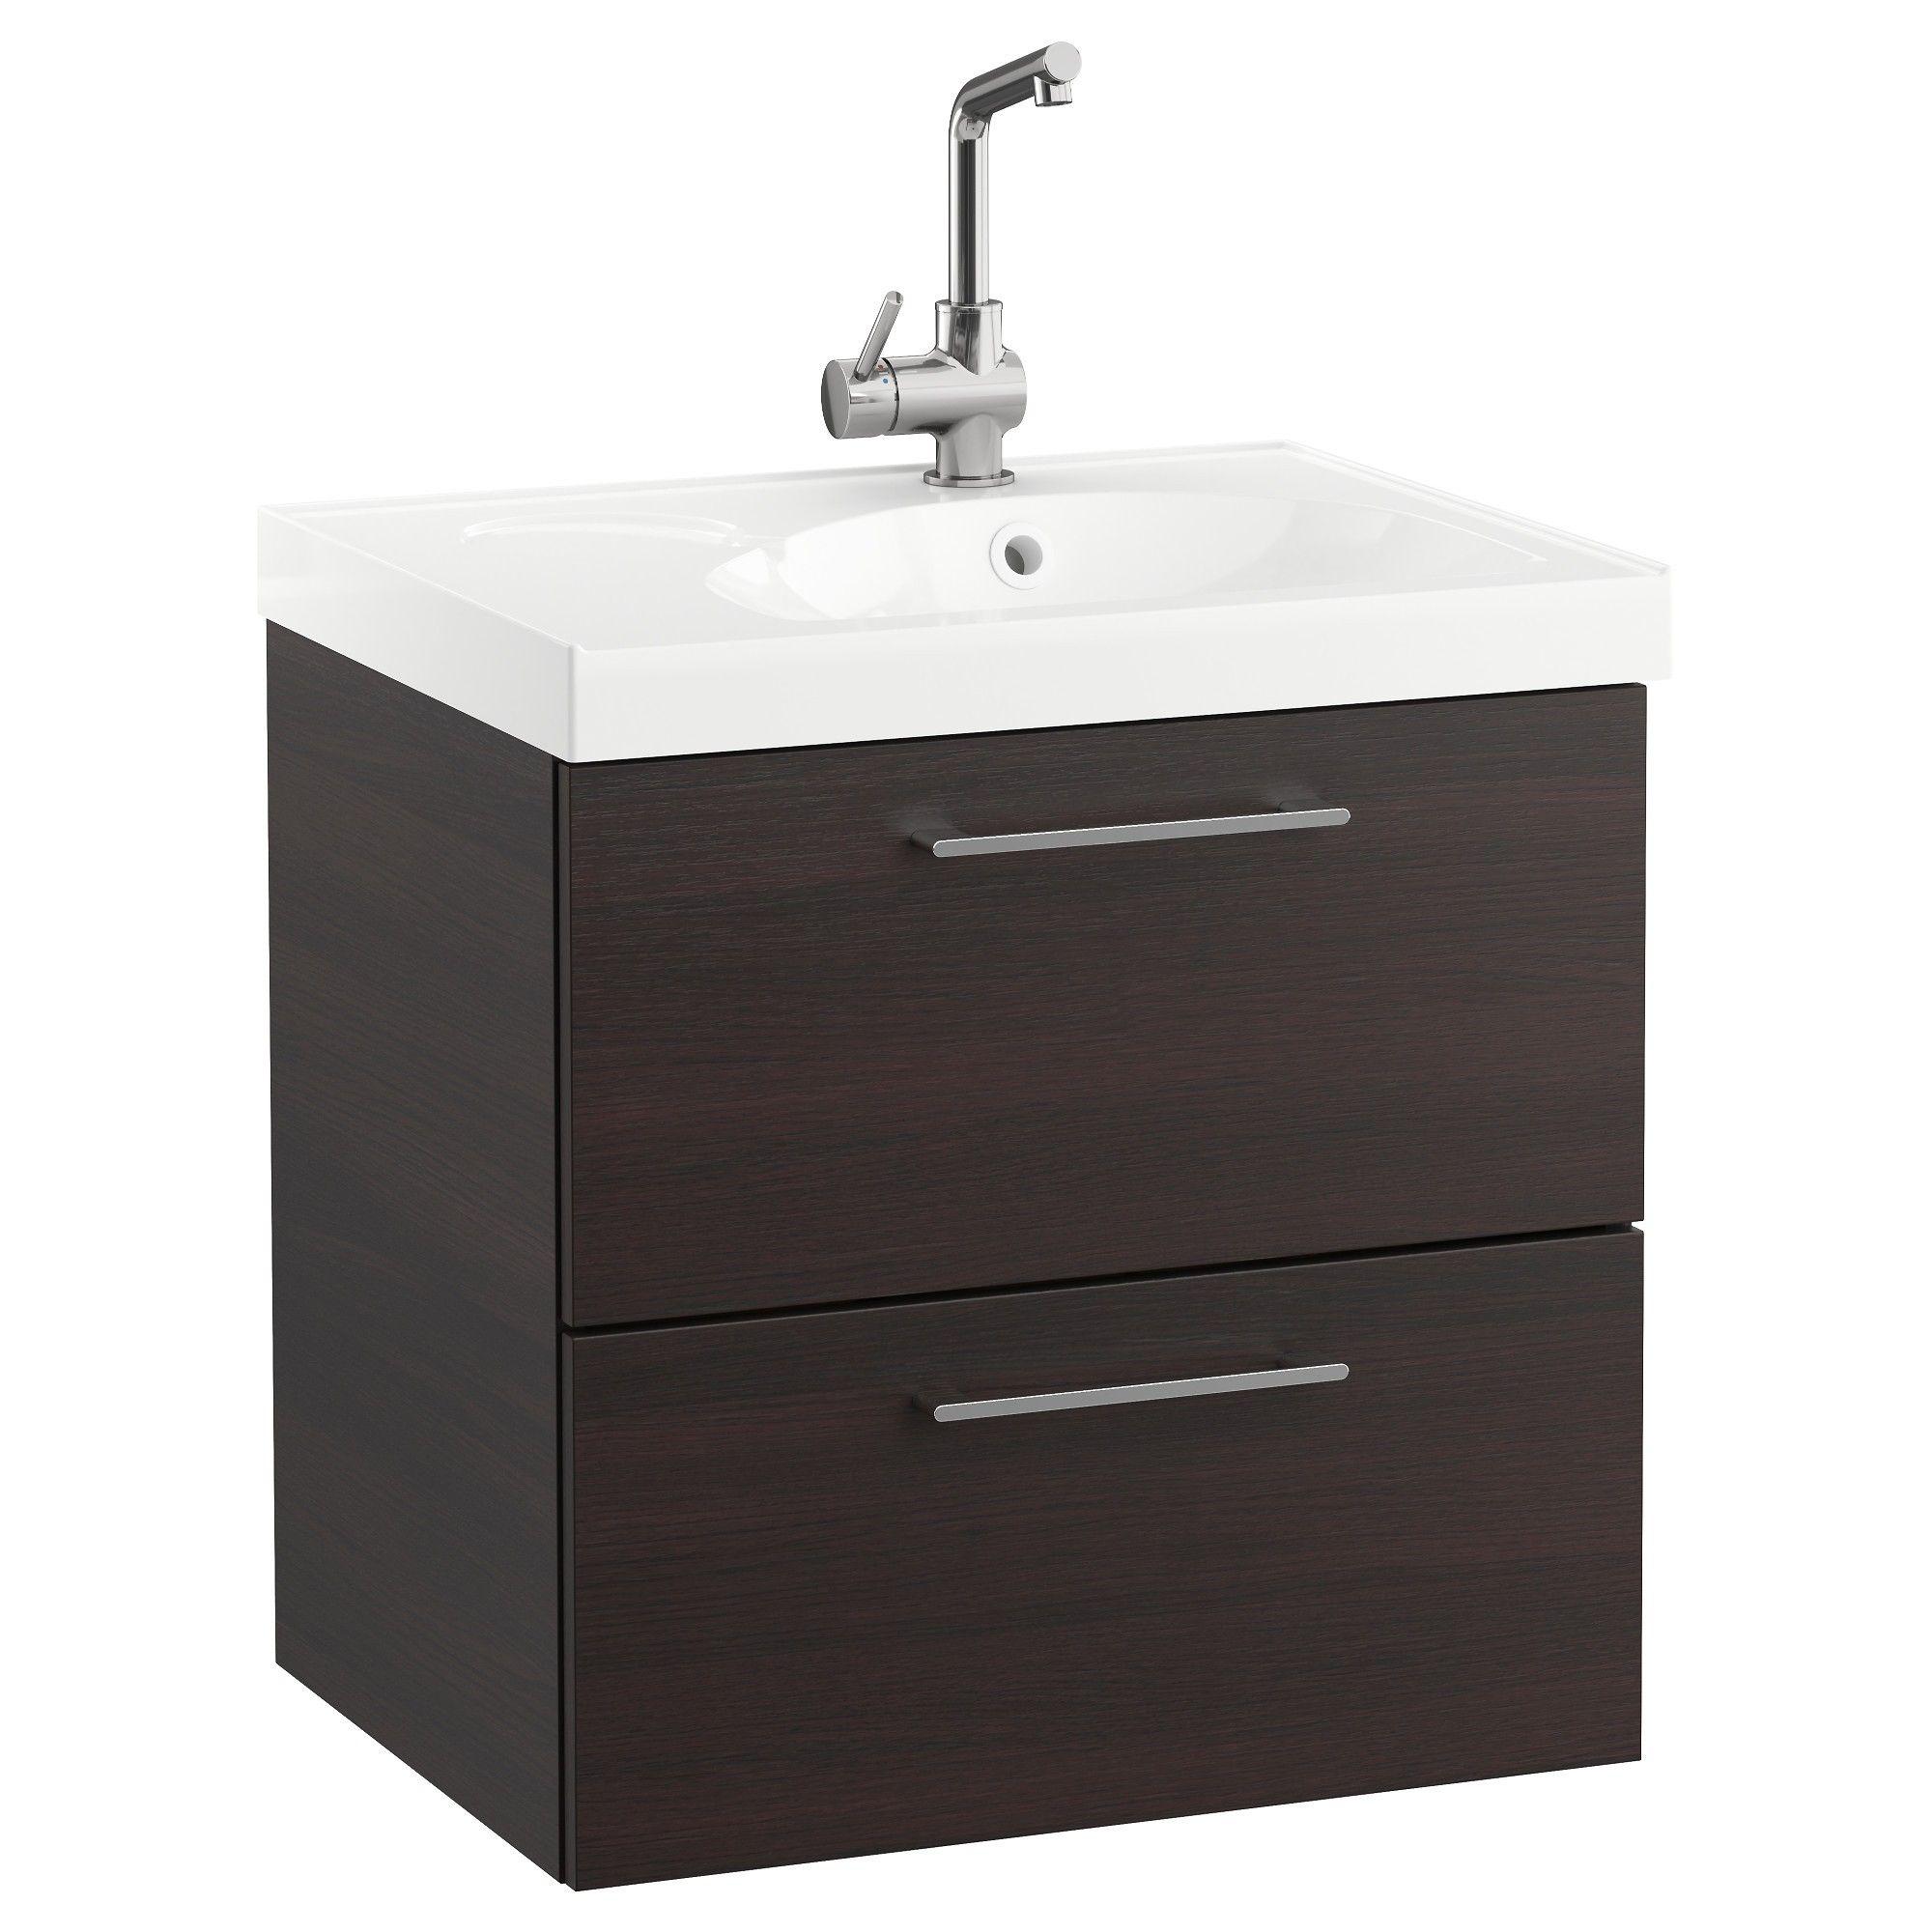 bathroom vanities countertops ikea from sink bathroom on ikea bathroom vanities id=98760